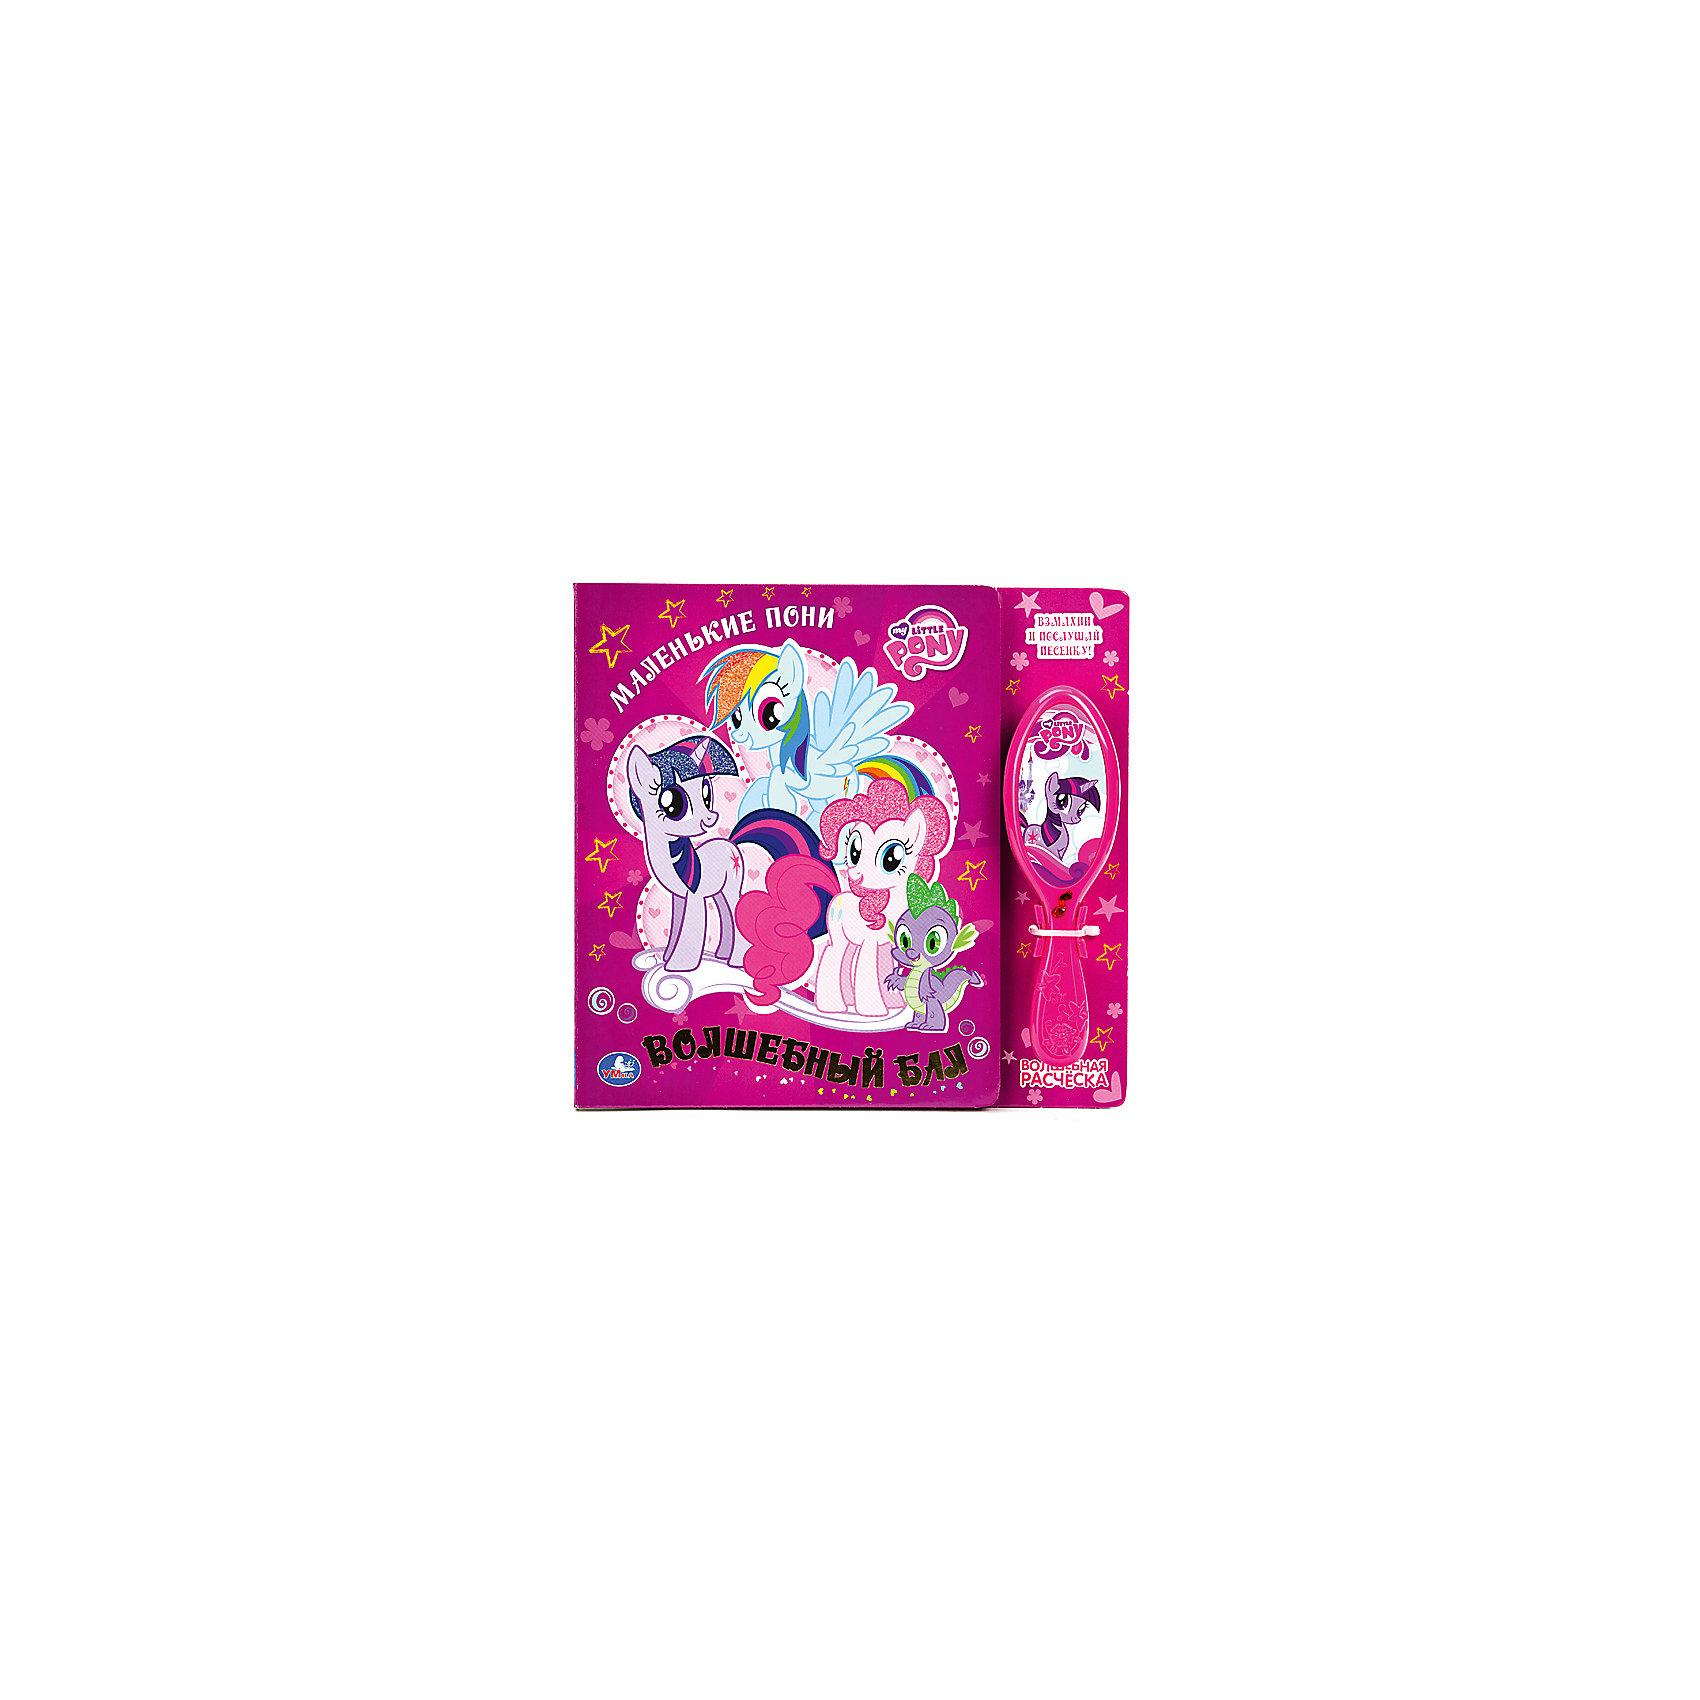 Книга с музыкальной расческой Волшебный бал, My little PonyКниги для девочек<br>Эта замечательная книга приведет в восторг всех любительниц My Little Pony (Май Литл Пони). Девочка почувствует себя настоящей принцессой с волшебной расческой, которая не только может привести волосы в порядок, но и спеть песни! <br><br>Дополнительная информация:<br><br>- Формат: 24х25 см<br>- Переплет: картон.<br>- Количество страниц: 10.<br>- Иллюстрации: цветные.<br>- Комплектация: книга, расческа.<br>- Автор: Юлия Шигарова<br>- Иллюстратор: Валентина Любушкина<br>- Элемент питания: 2 АА (в комплекте).<br><br>Книгу с музыкальной расческой Волшебный бал, Мой маленький пони, можно купить в нашем магазине.<br><br>Ширина мм: 260<br>Глубина мм: 240<br>Высота мм: 40<br>Вес г: 440<br>Возраст от месяцев: 12<br>Возраст до месяцев: 60<br>Пол: Женский<br>Возраст: Детский<br>SKU: 4053268